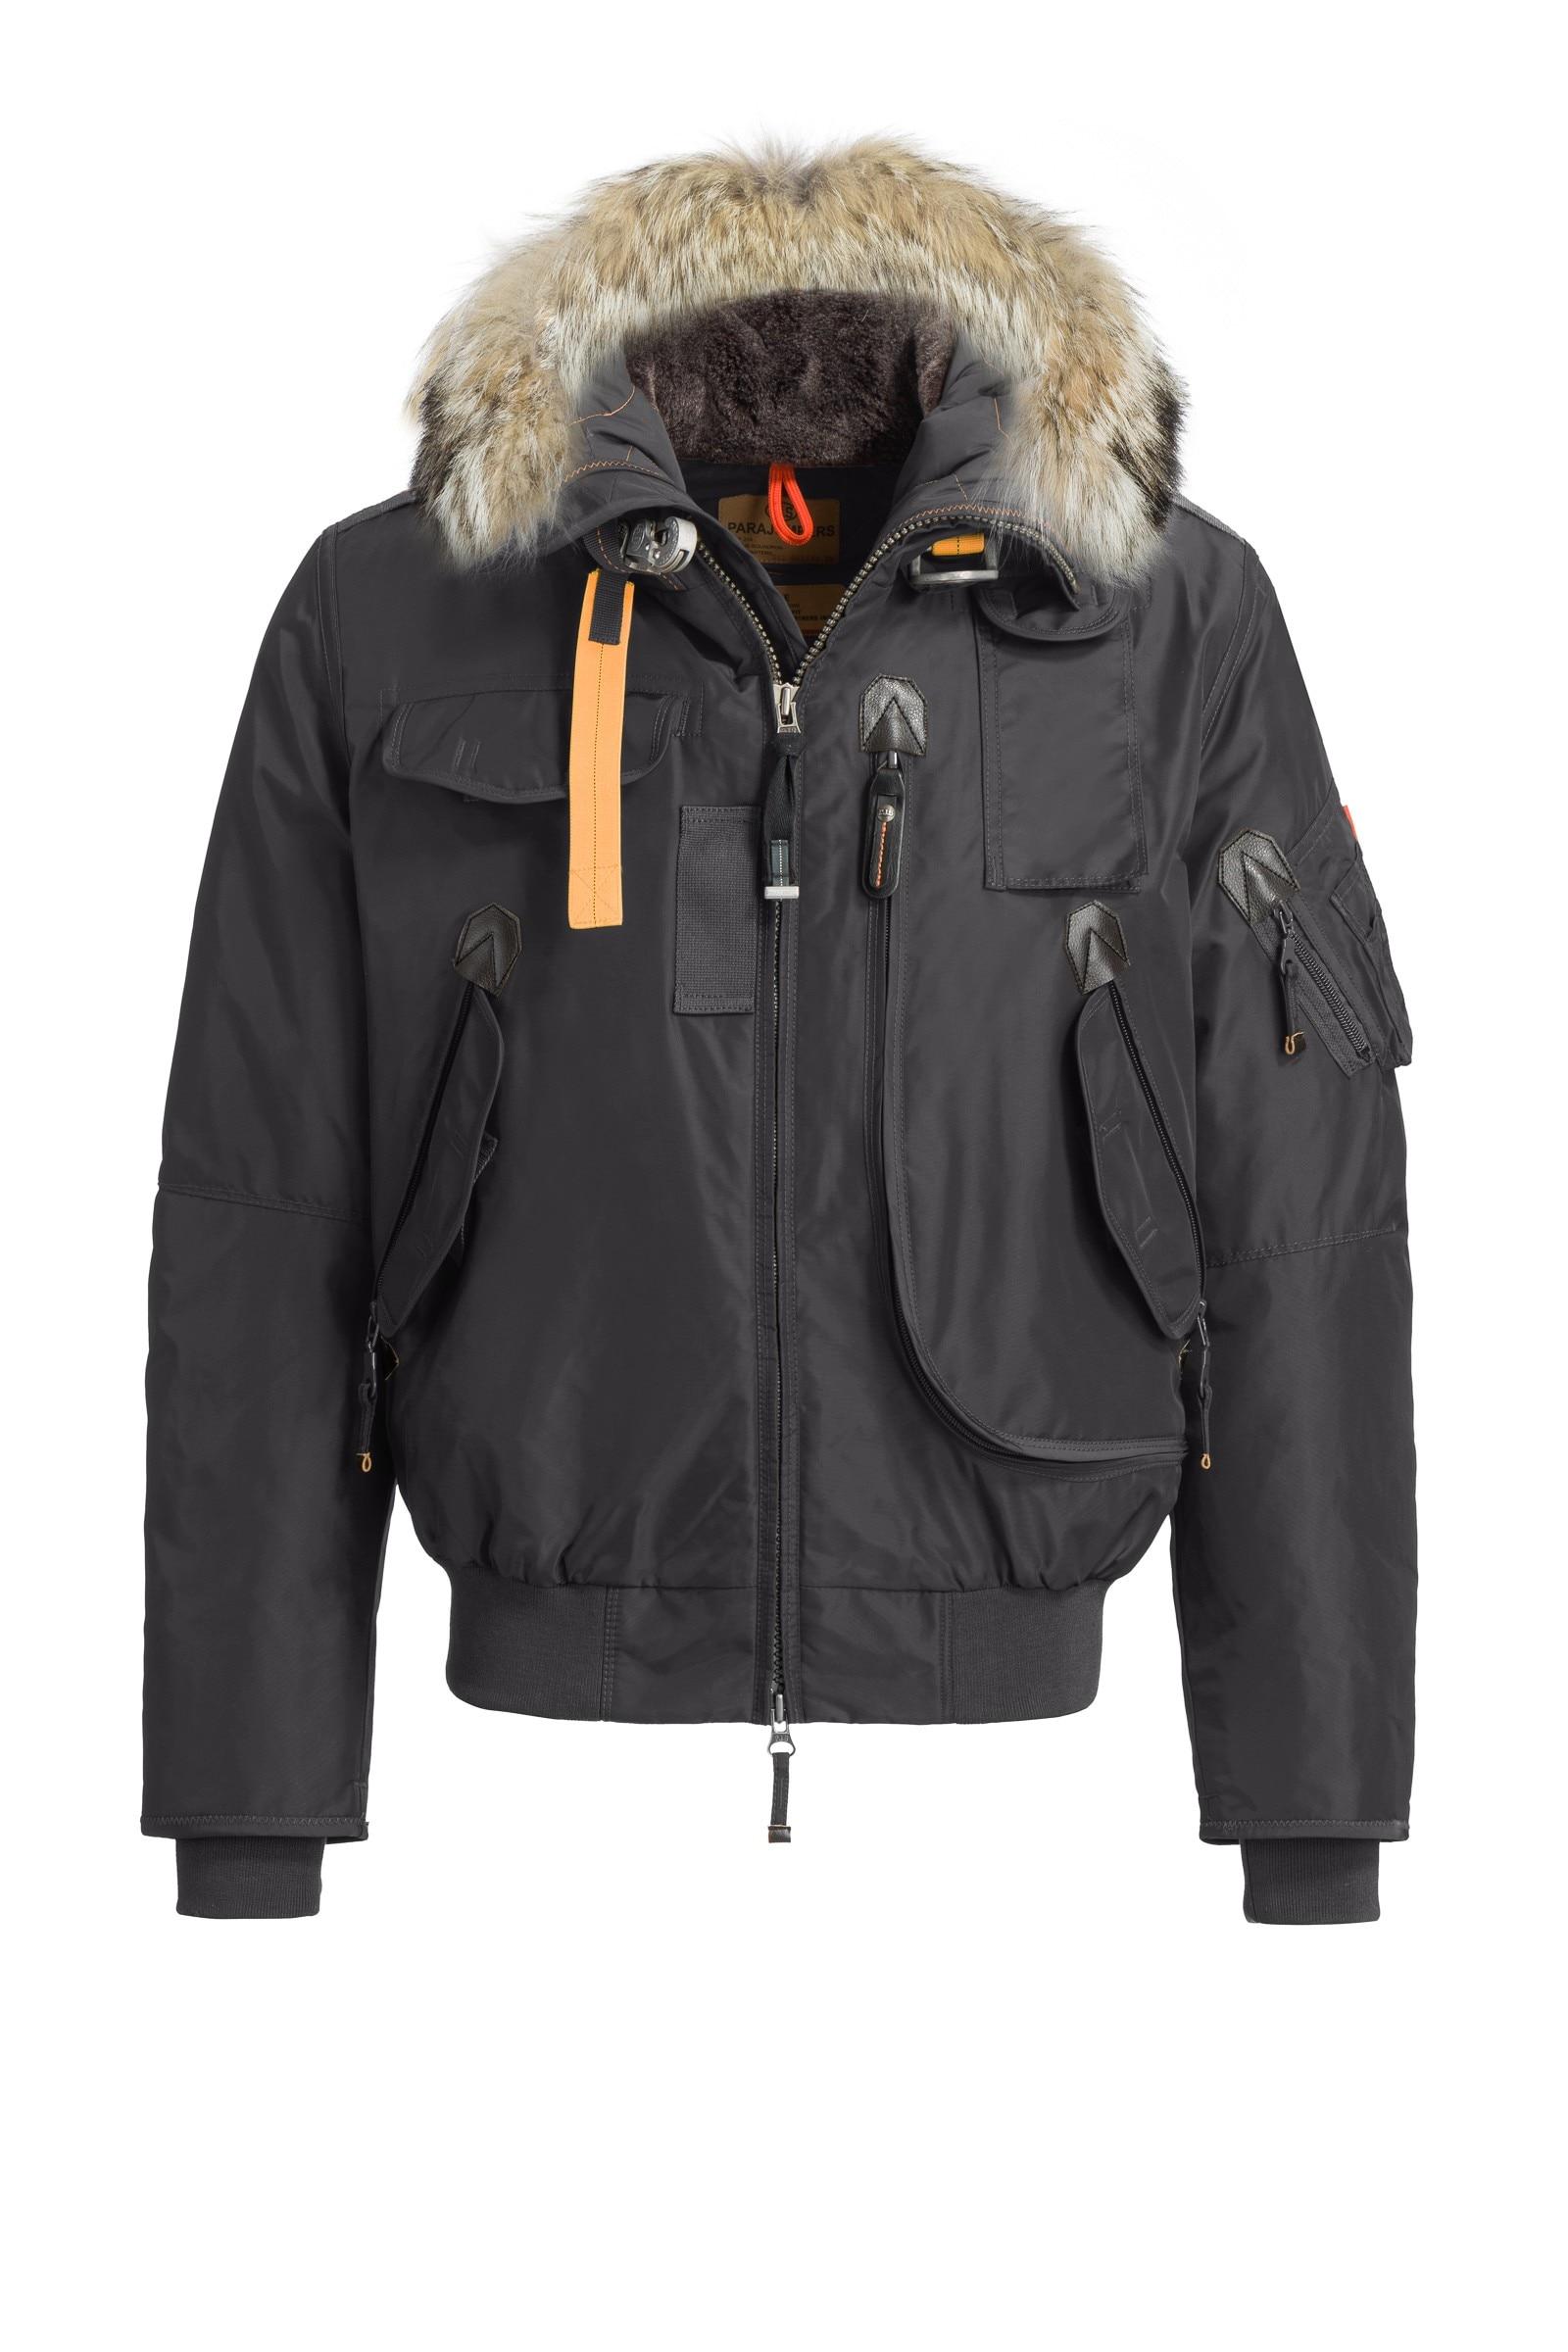 Jumpers gobi parka inverno para baixo jaqueta moda com capuz curto para baixo parka jaquetas ao ar livre para baixo casaco